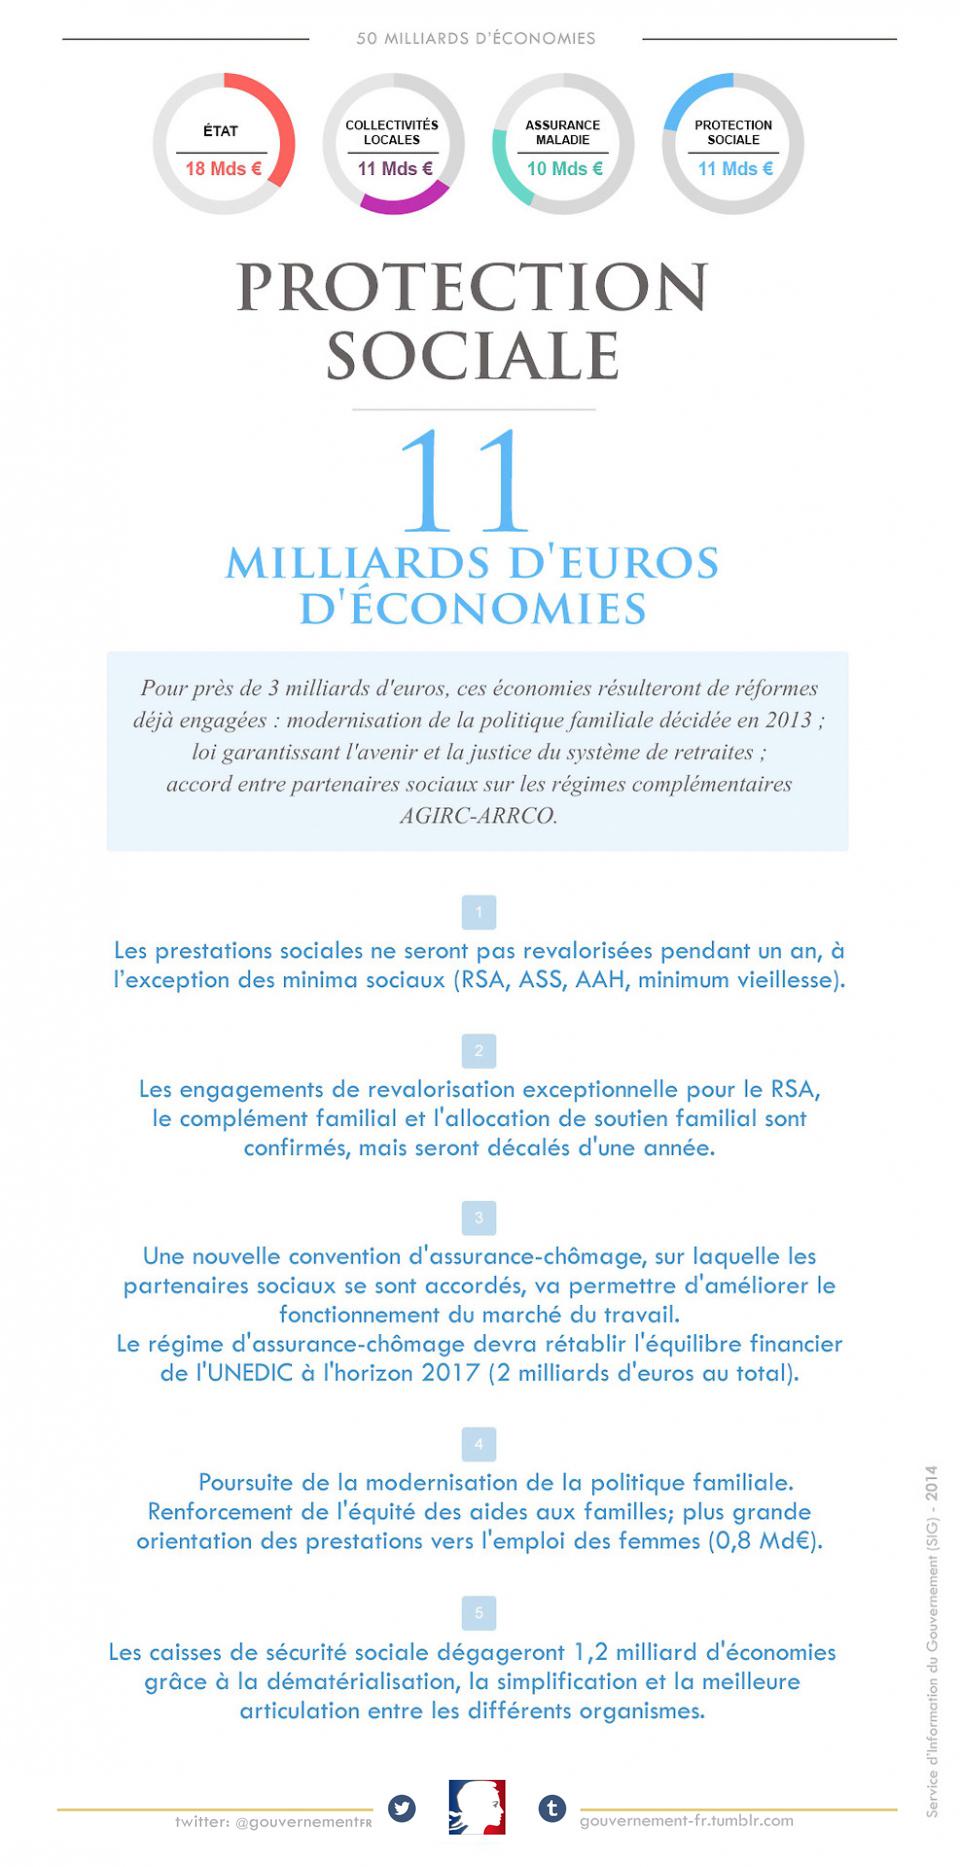 11 milliards d'euros d'économies sur les dépenses de protection sociale - voir en plus grand